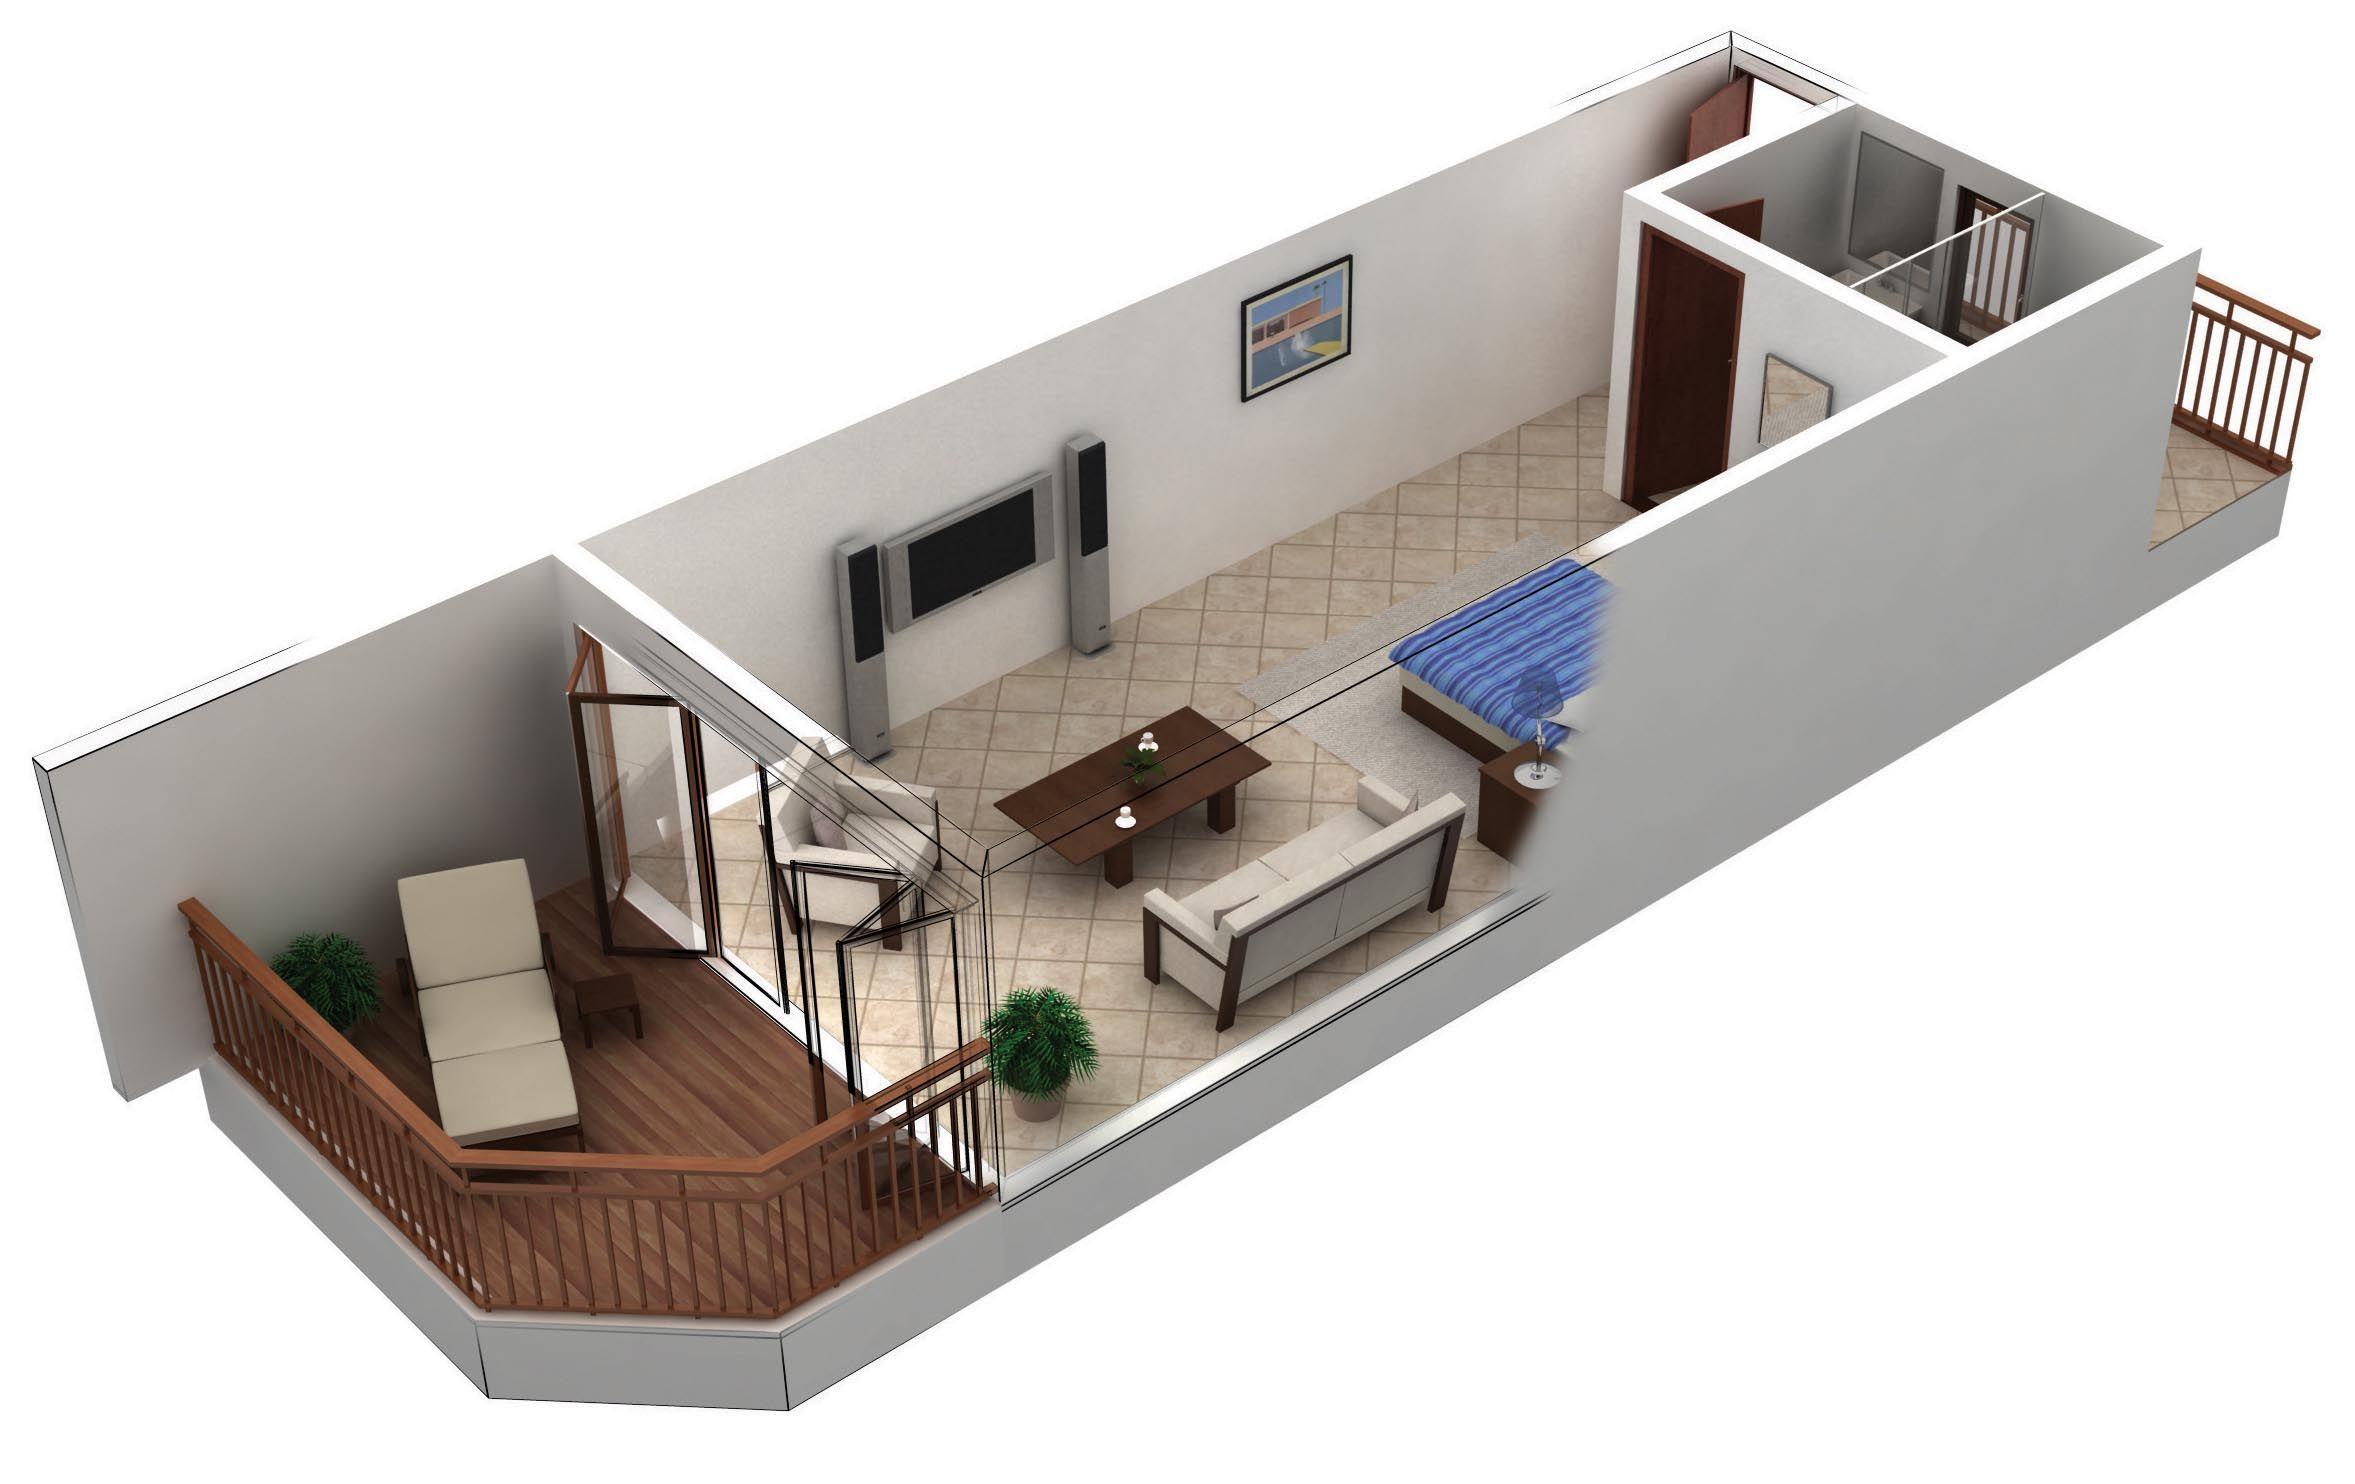 studio apartment floorplan the sims 3 studio apartment floor rh pinterest com